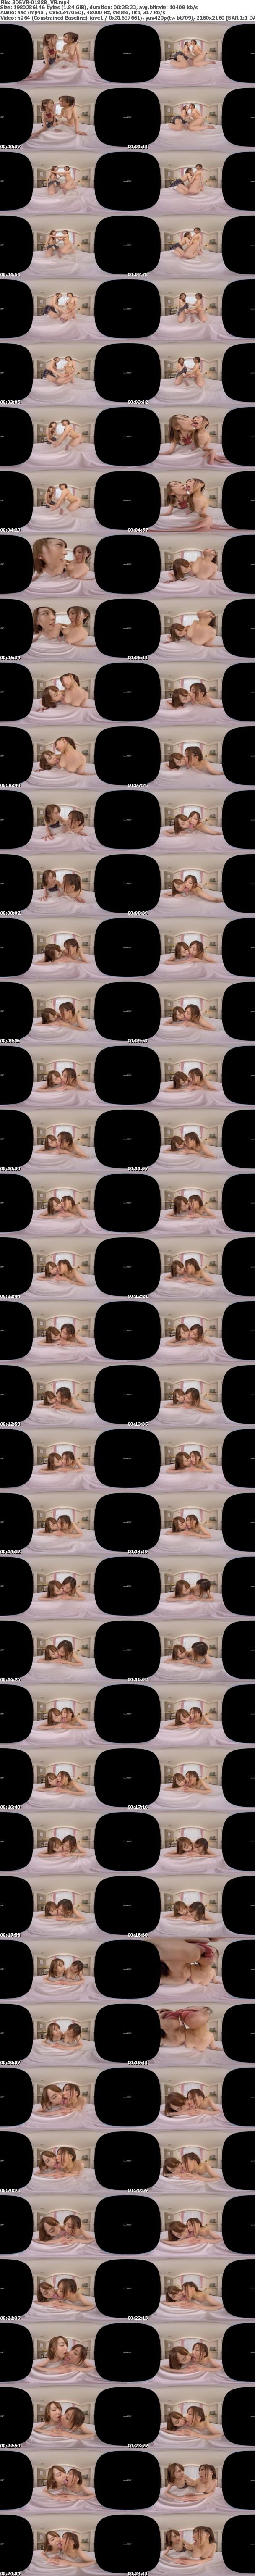 VR/3D 3DSVR-0188 【VR】濃厚レズキス 僕のチ○ポに気づかないほど夢中で舌を絡め合うふたり